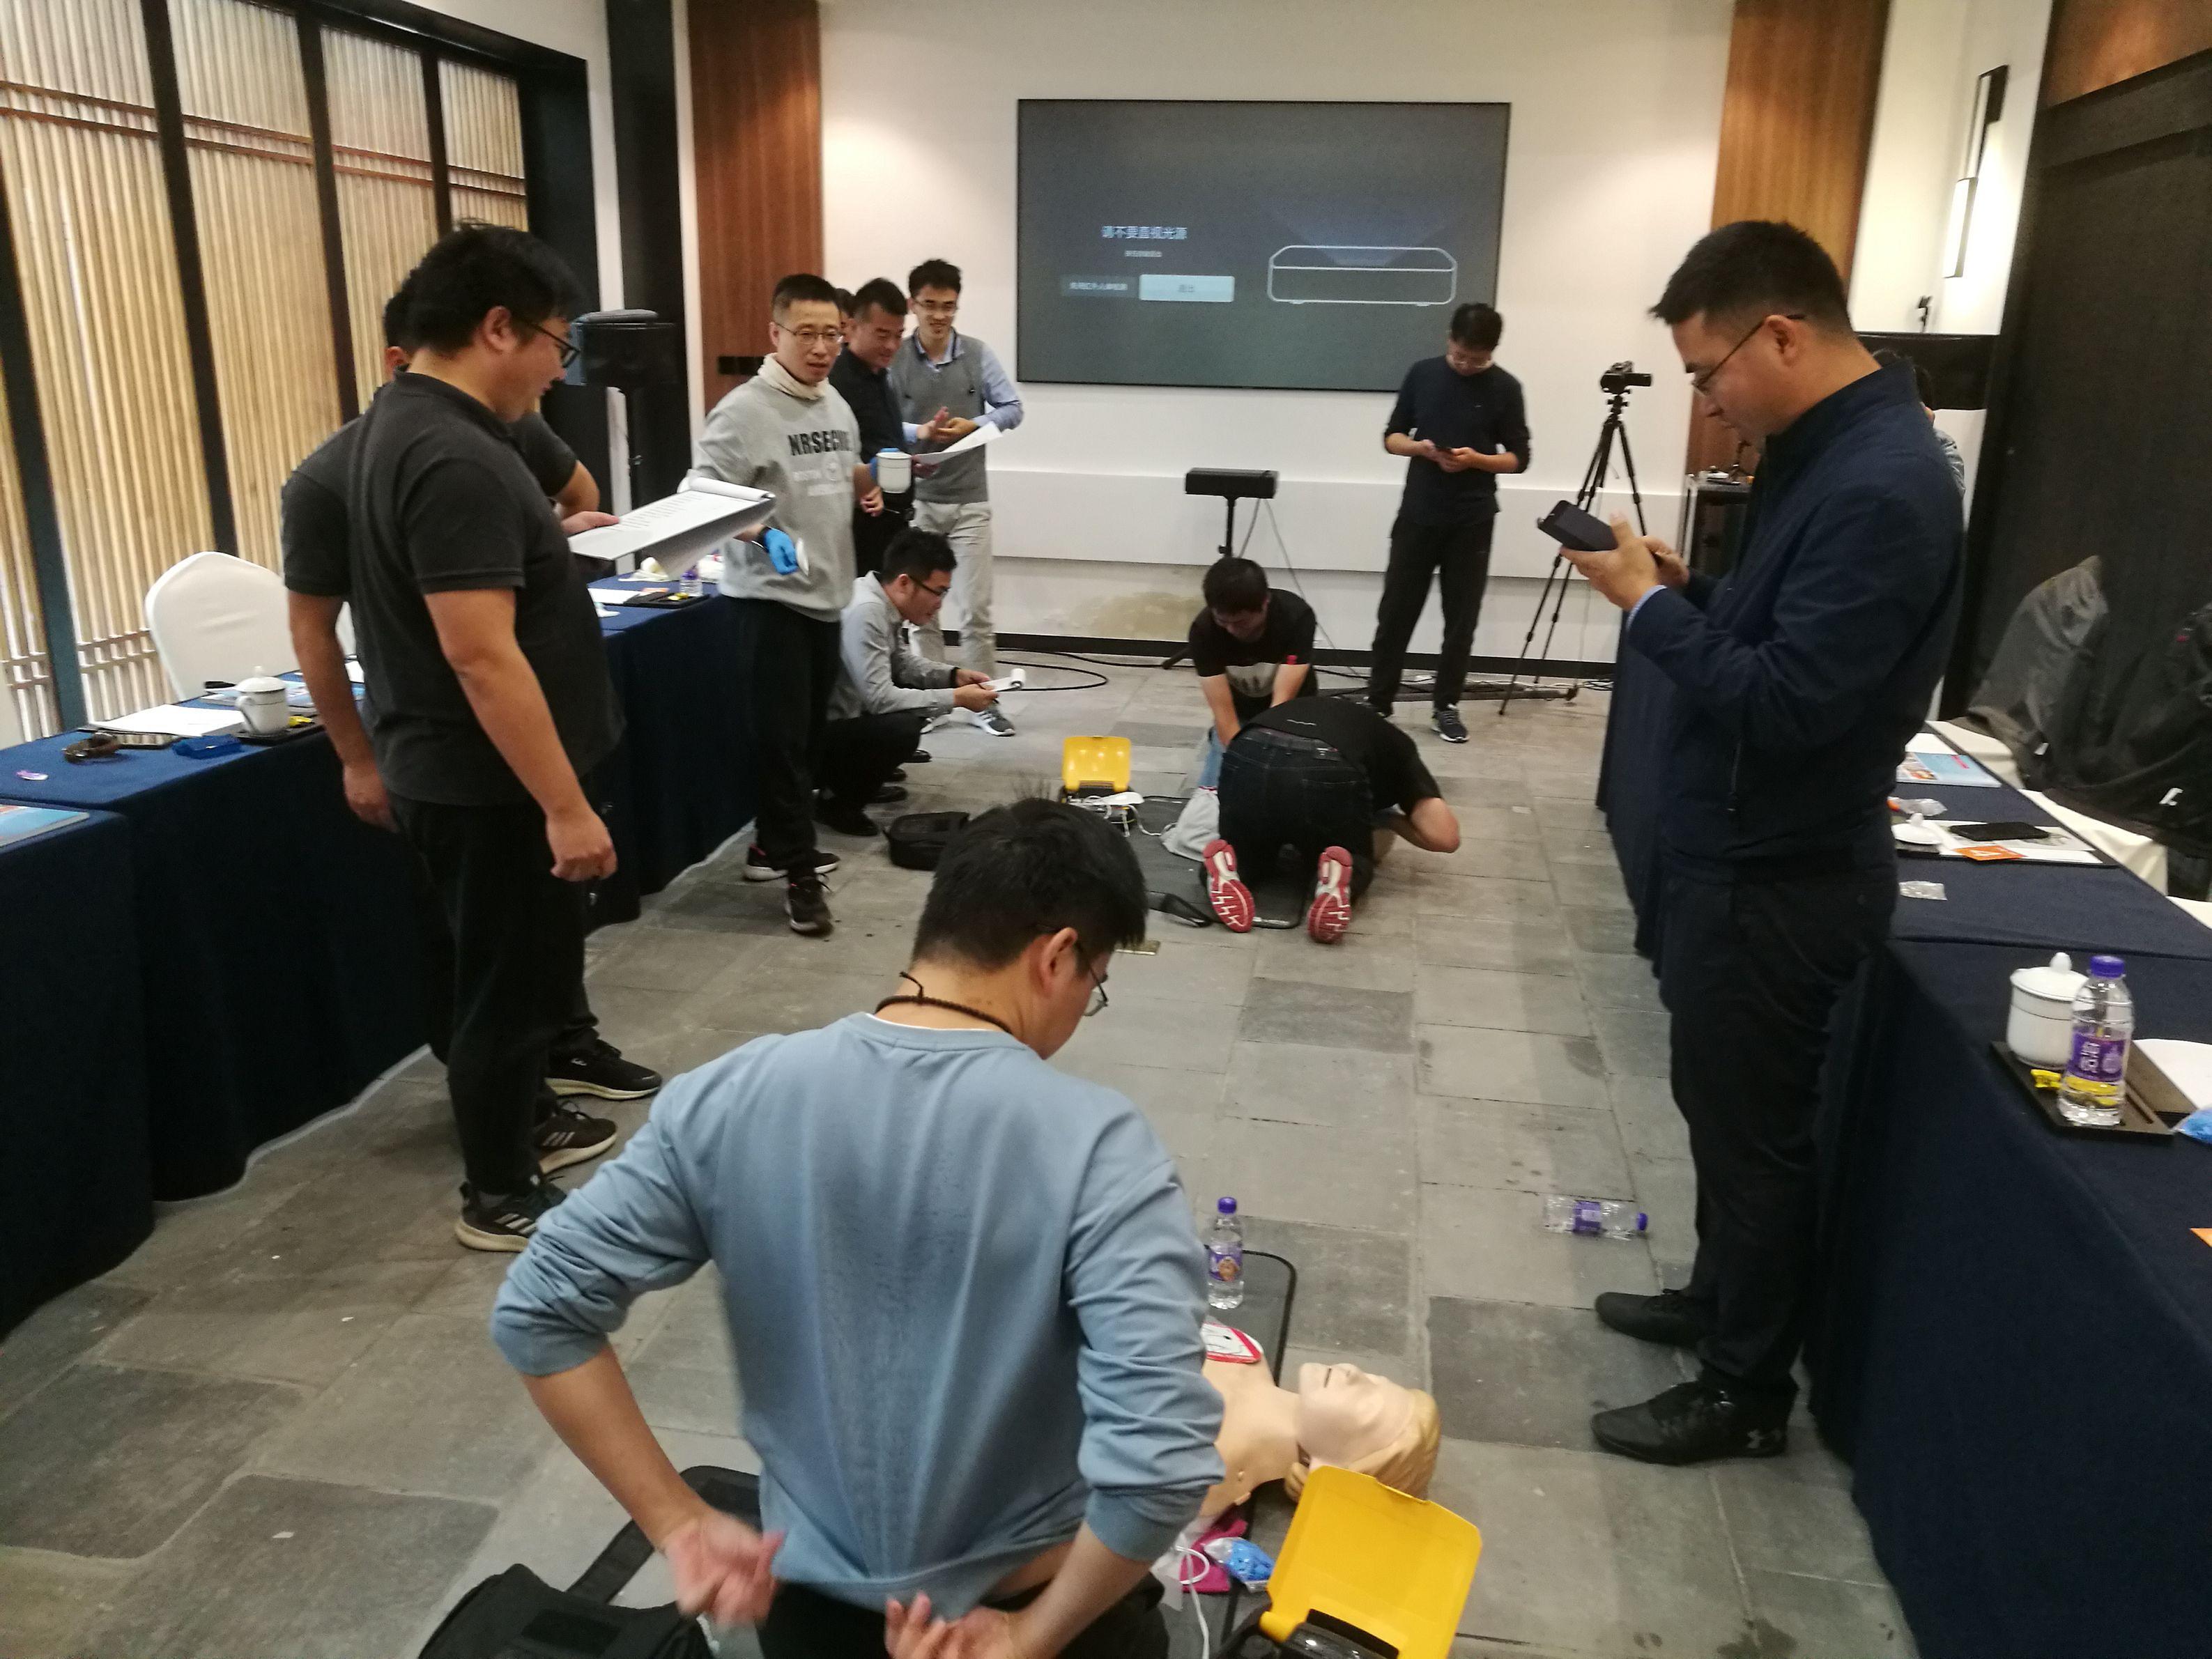 悍士安全邀请第一反应团队为客户进行心肺复苏等技能培训